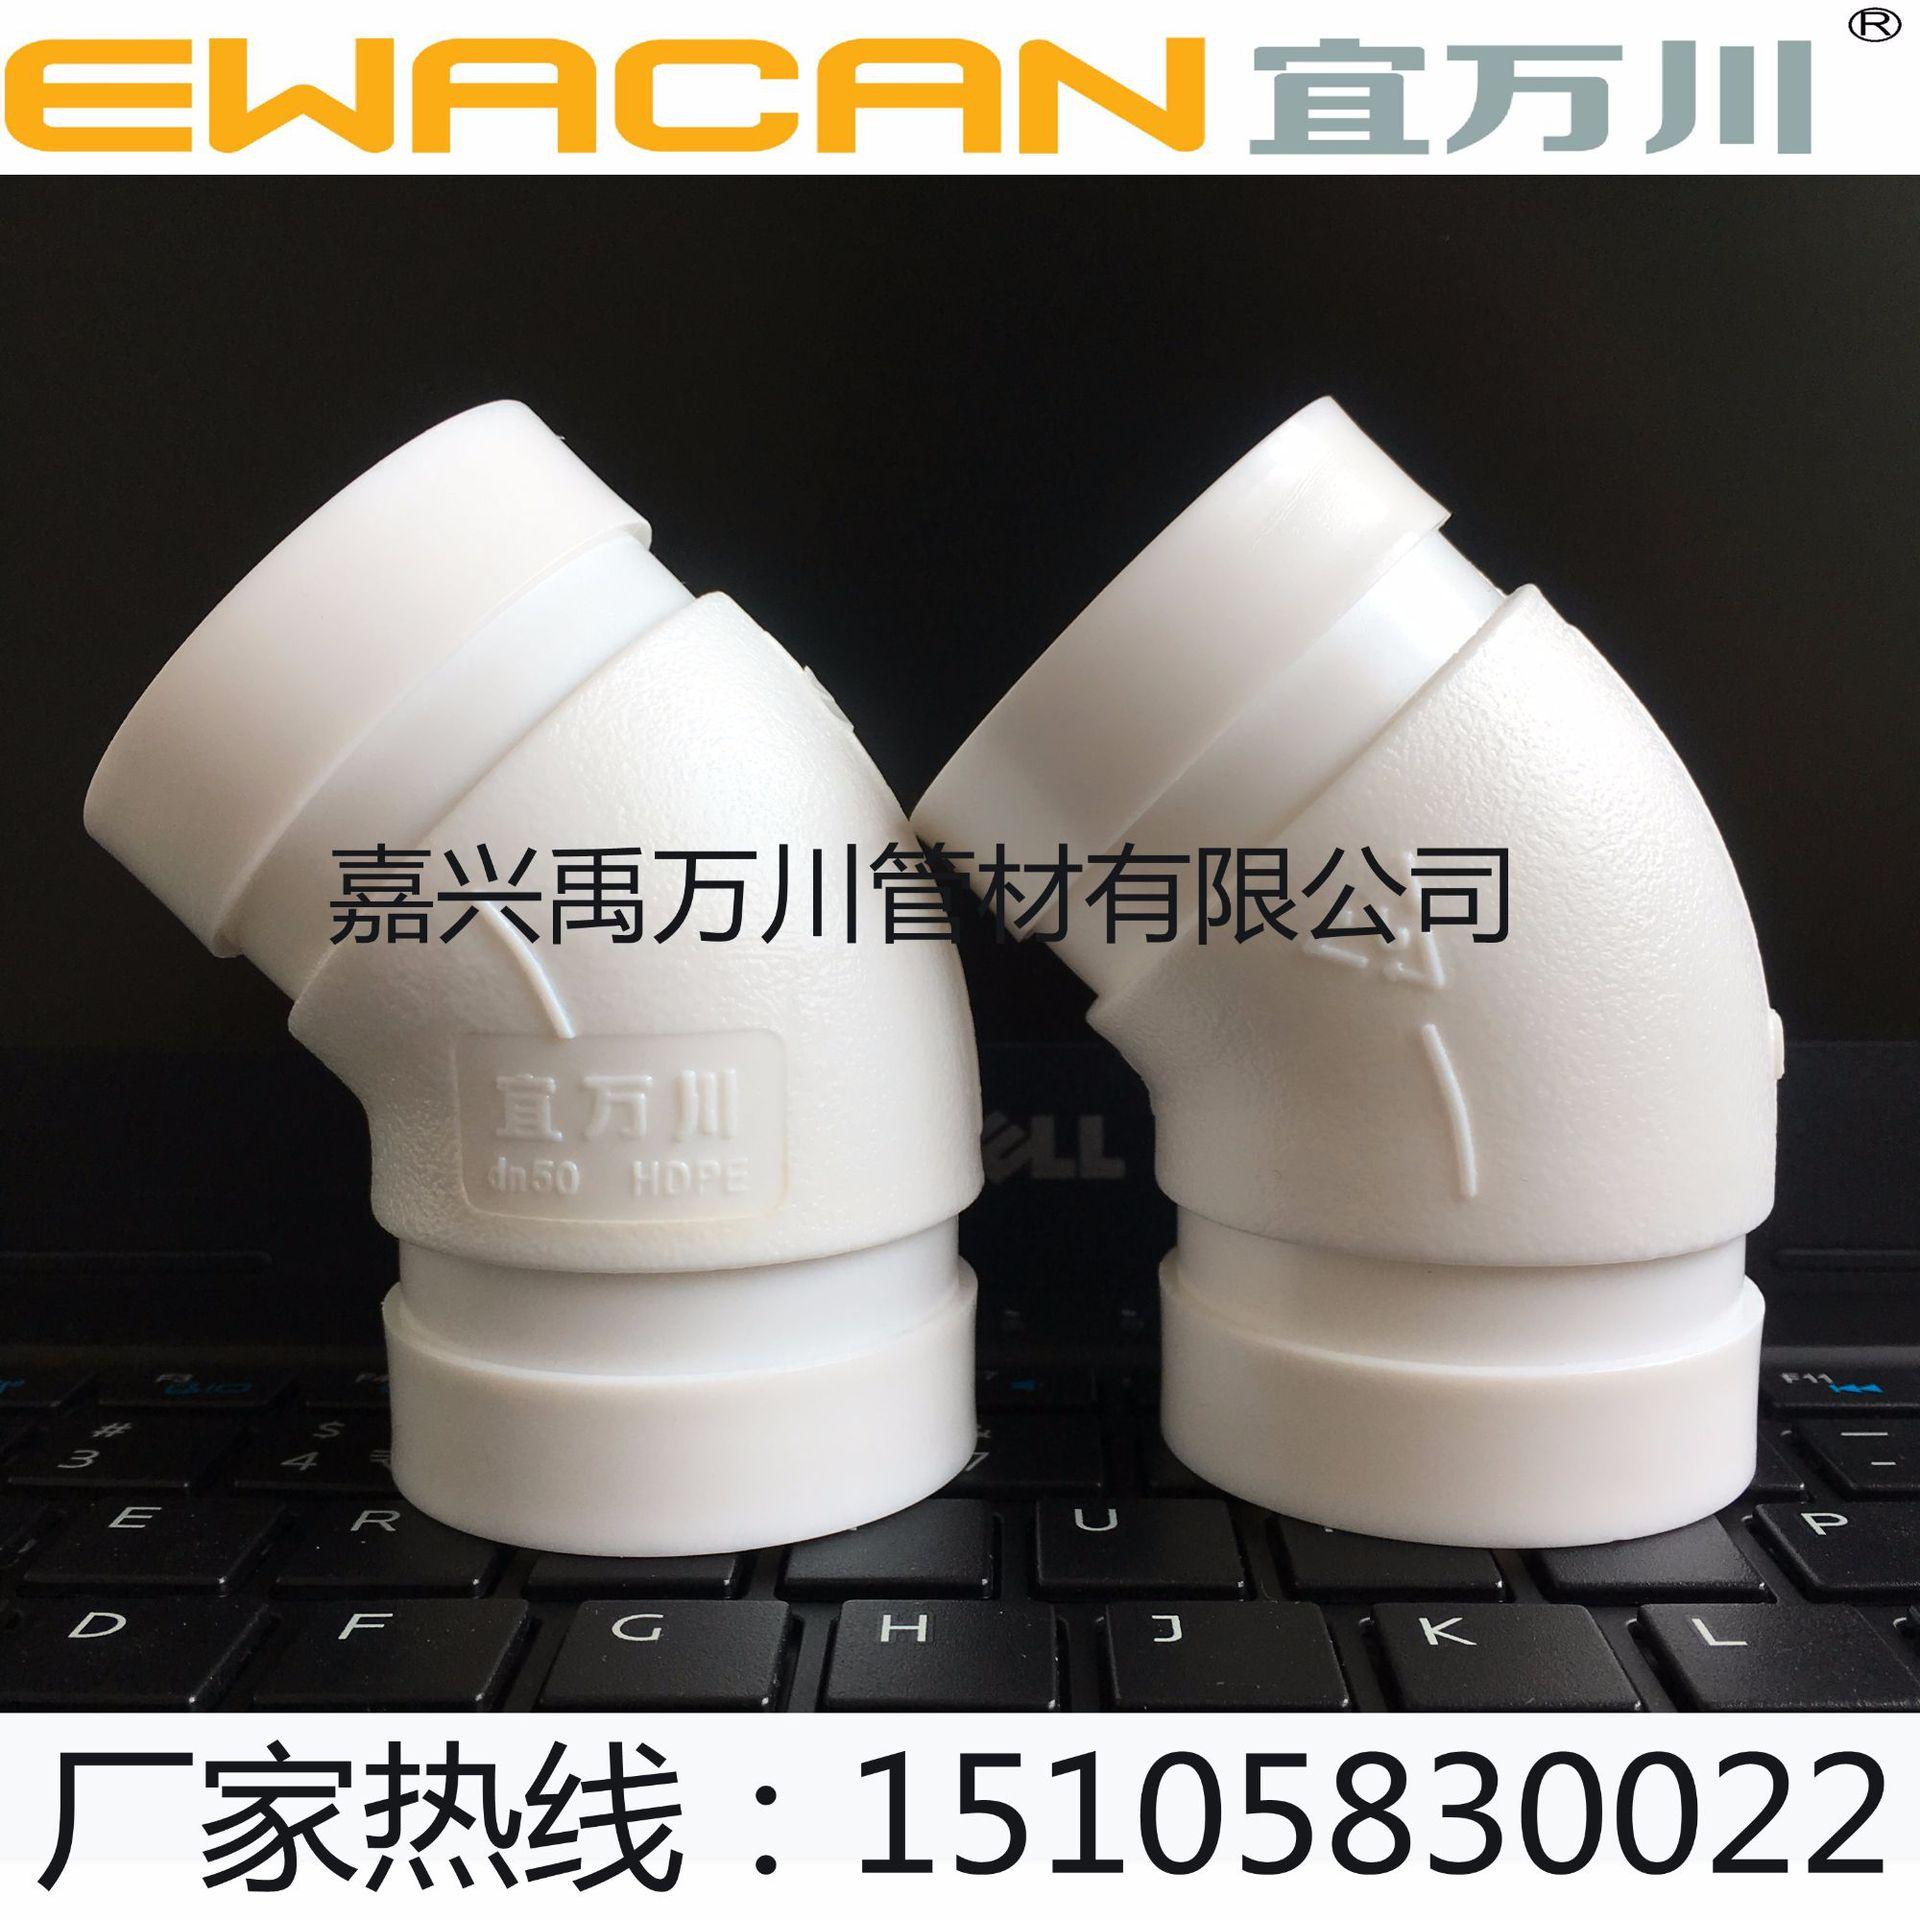 重庆HDPE沟槽式超静音排水管,高密度聚乙烯HDPE环压ABS卡箍连接示例图5